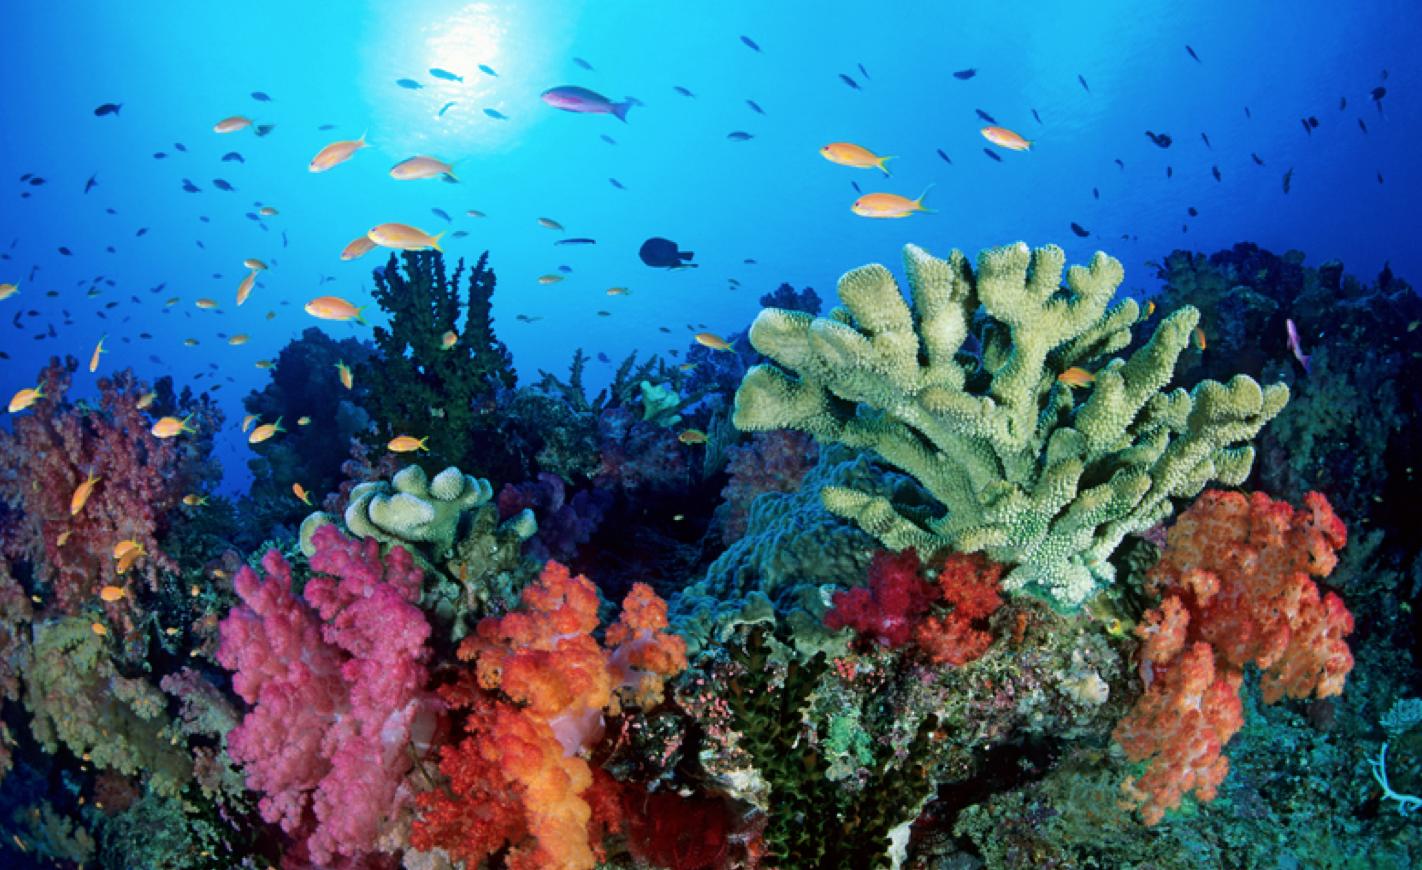 La Grande Barriera Corallina diventa bianca, è la terza volta in cinque anni